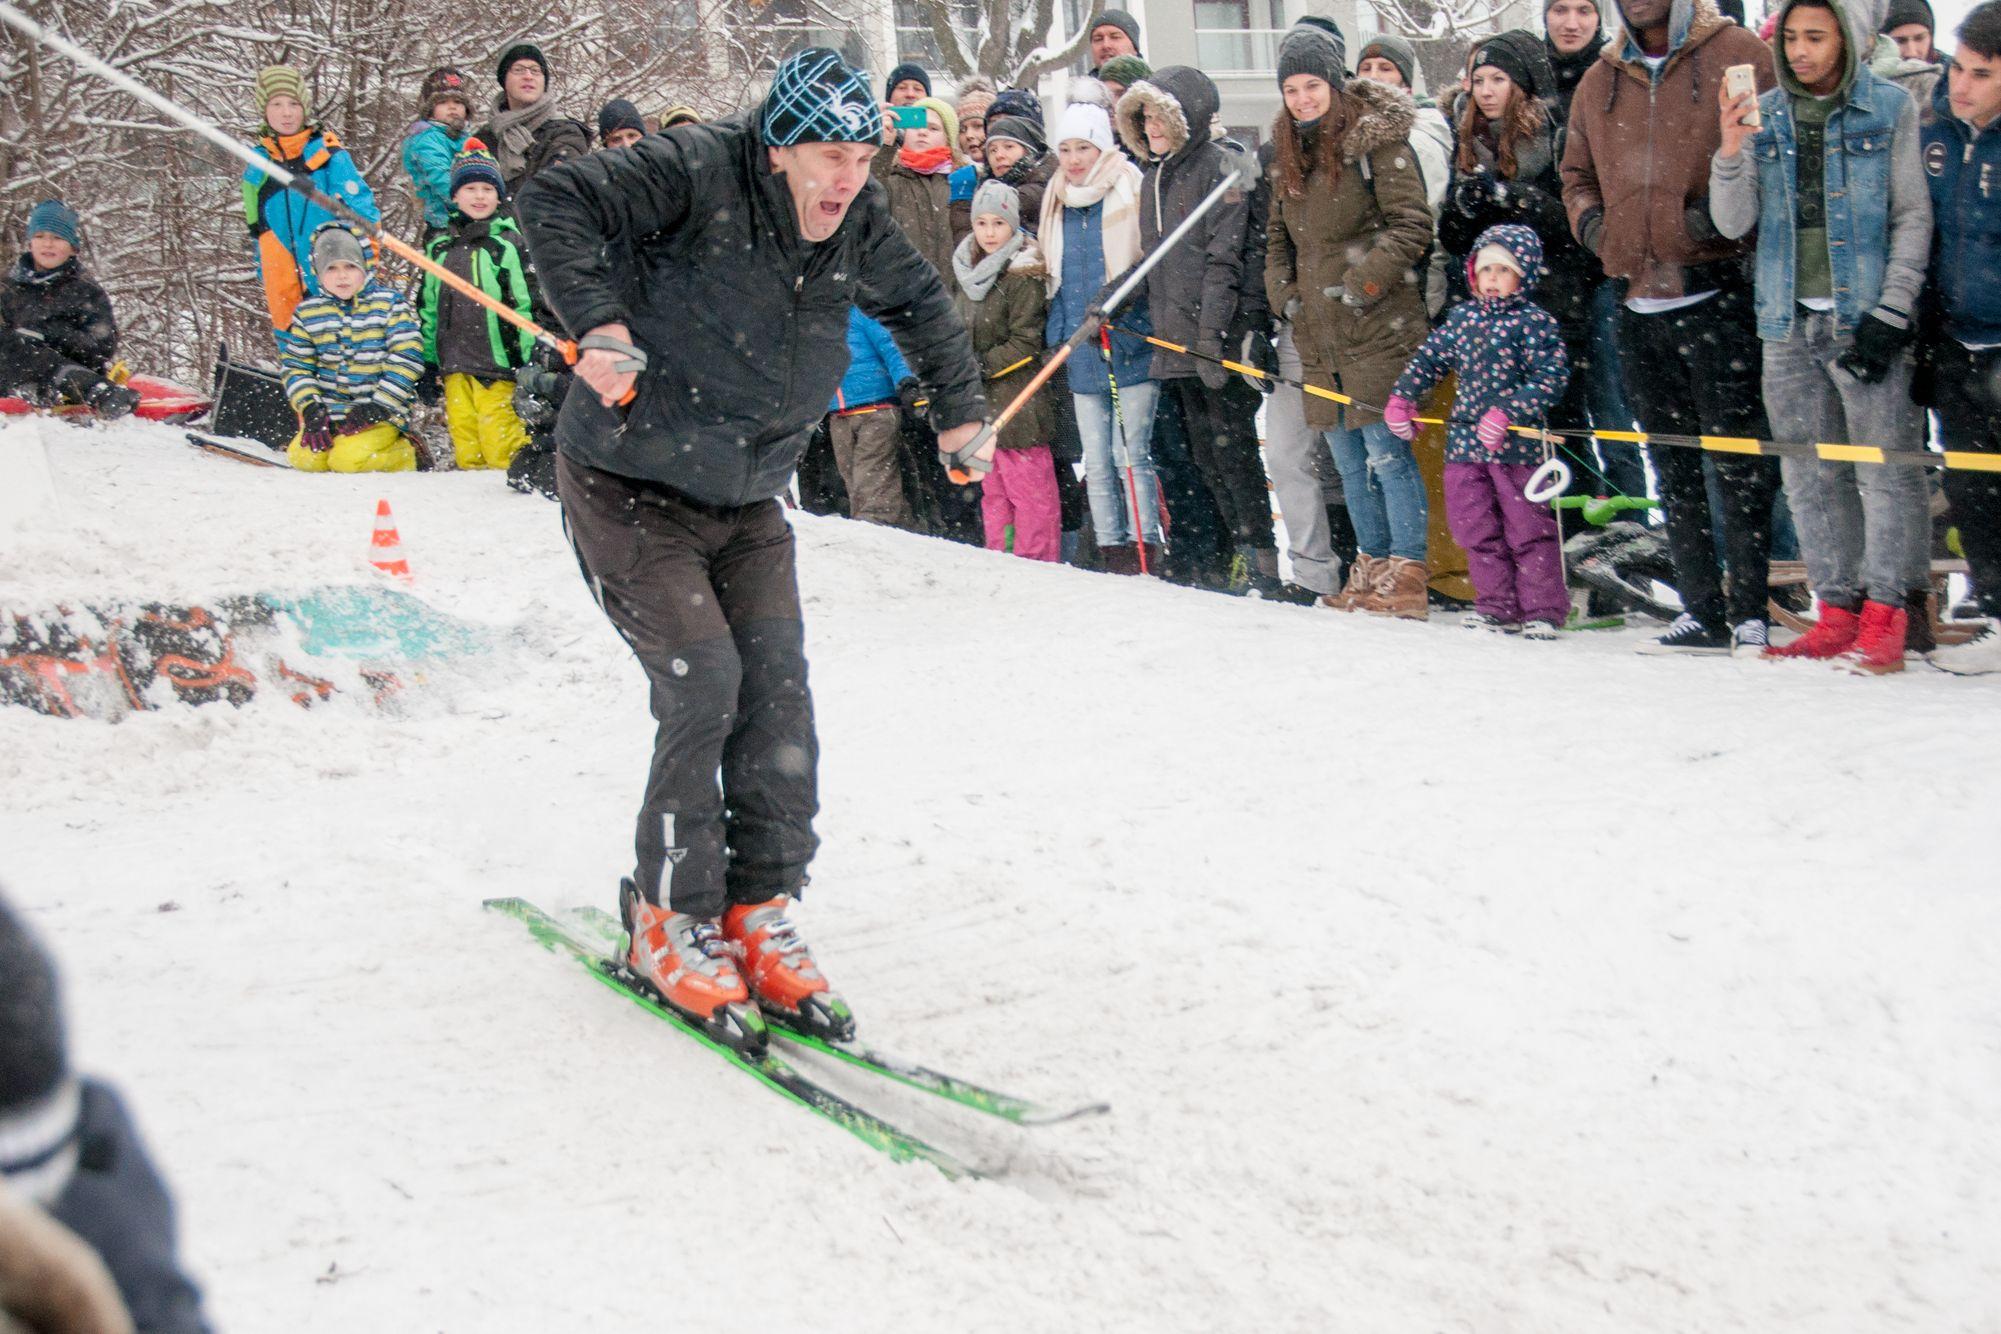 skispringen gestern ergebnisse